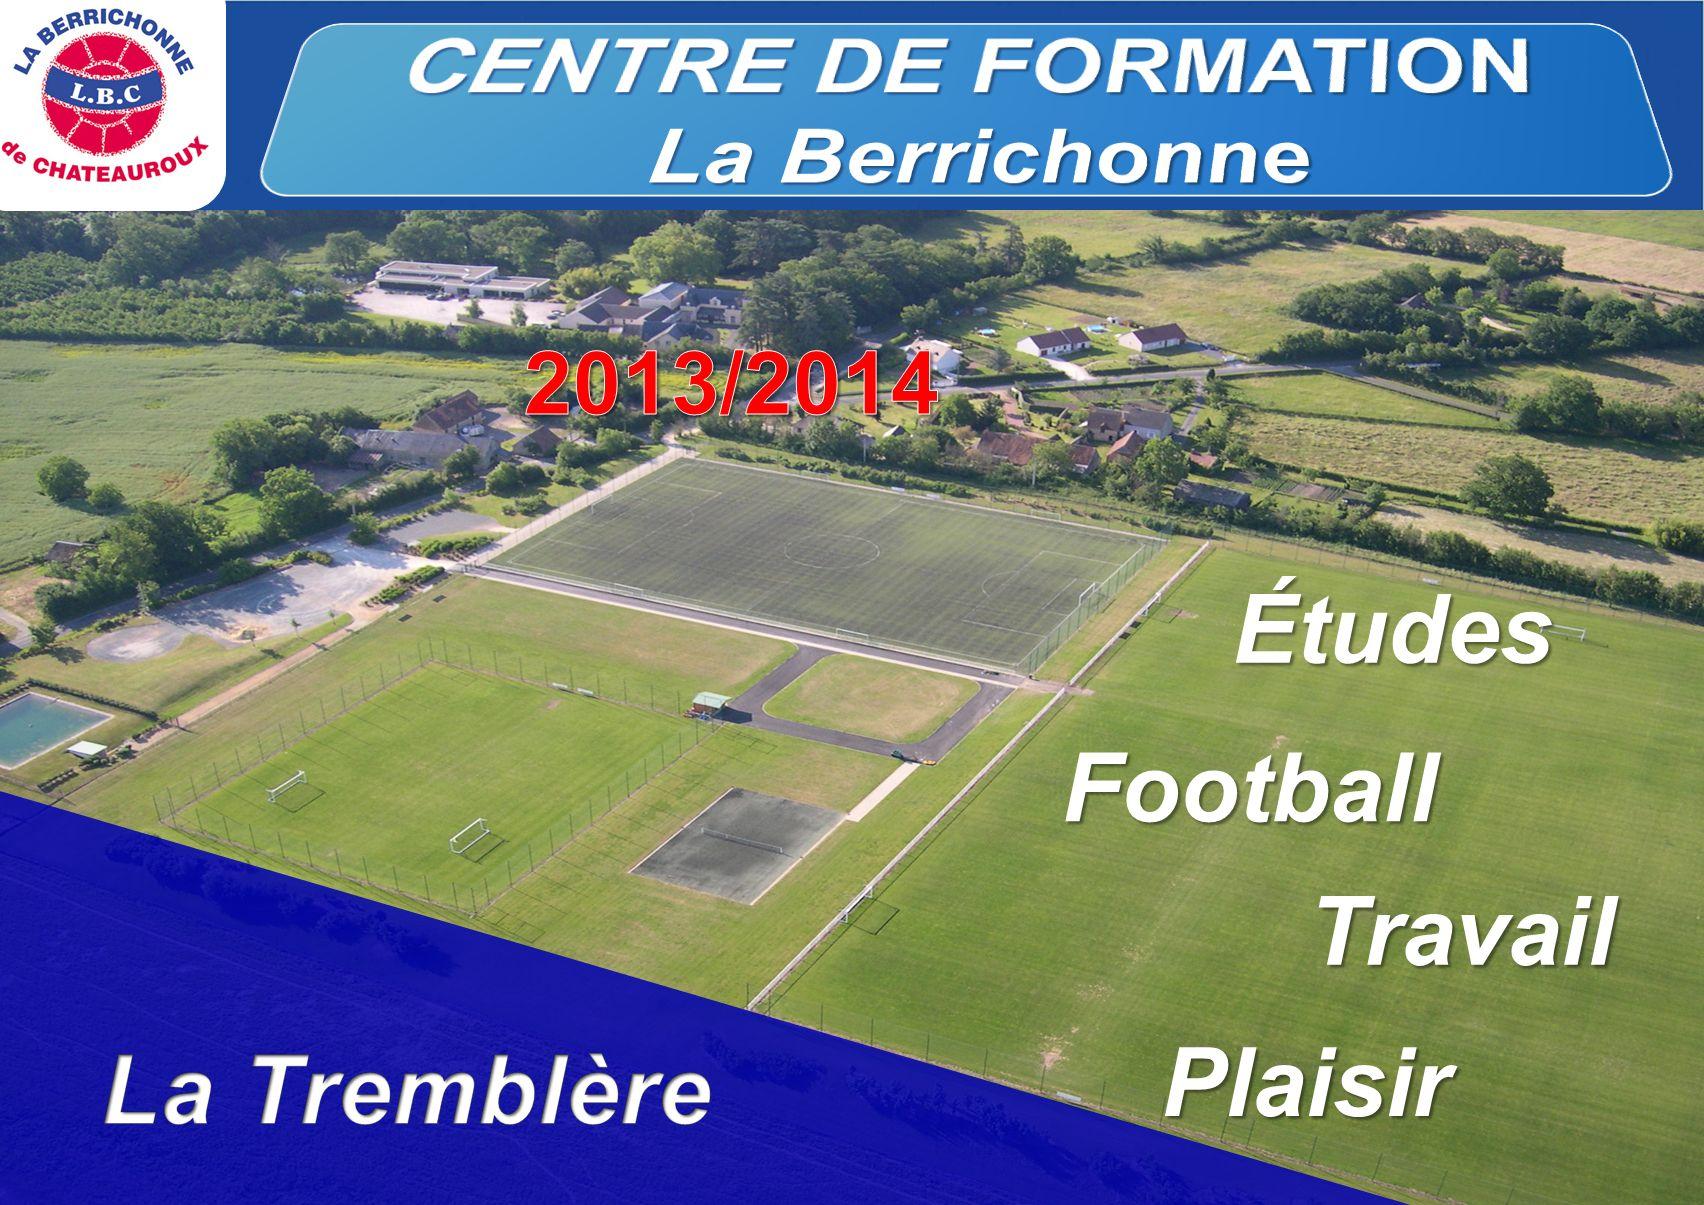 Enseignement général Bac STMG BMF CAP métiers du foot Football Travail Plaisir Études